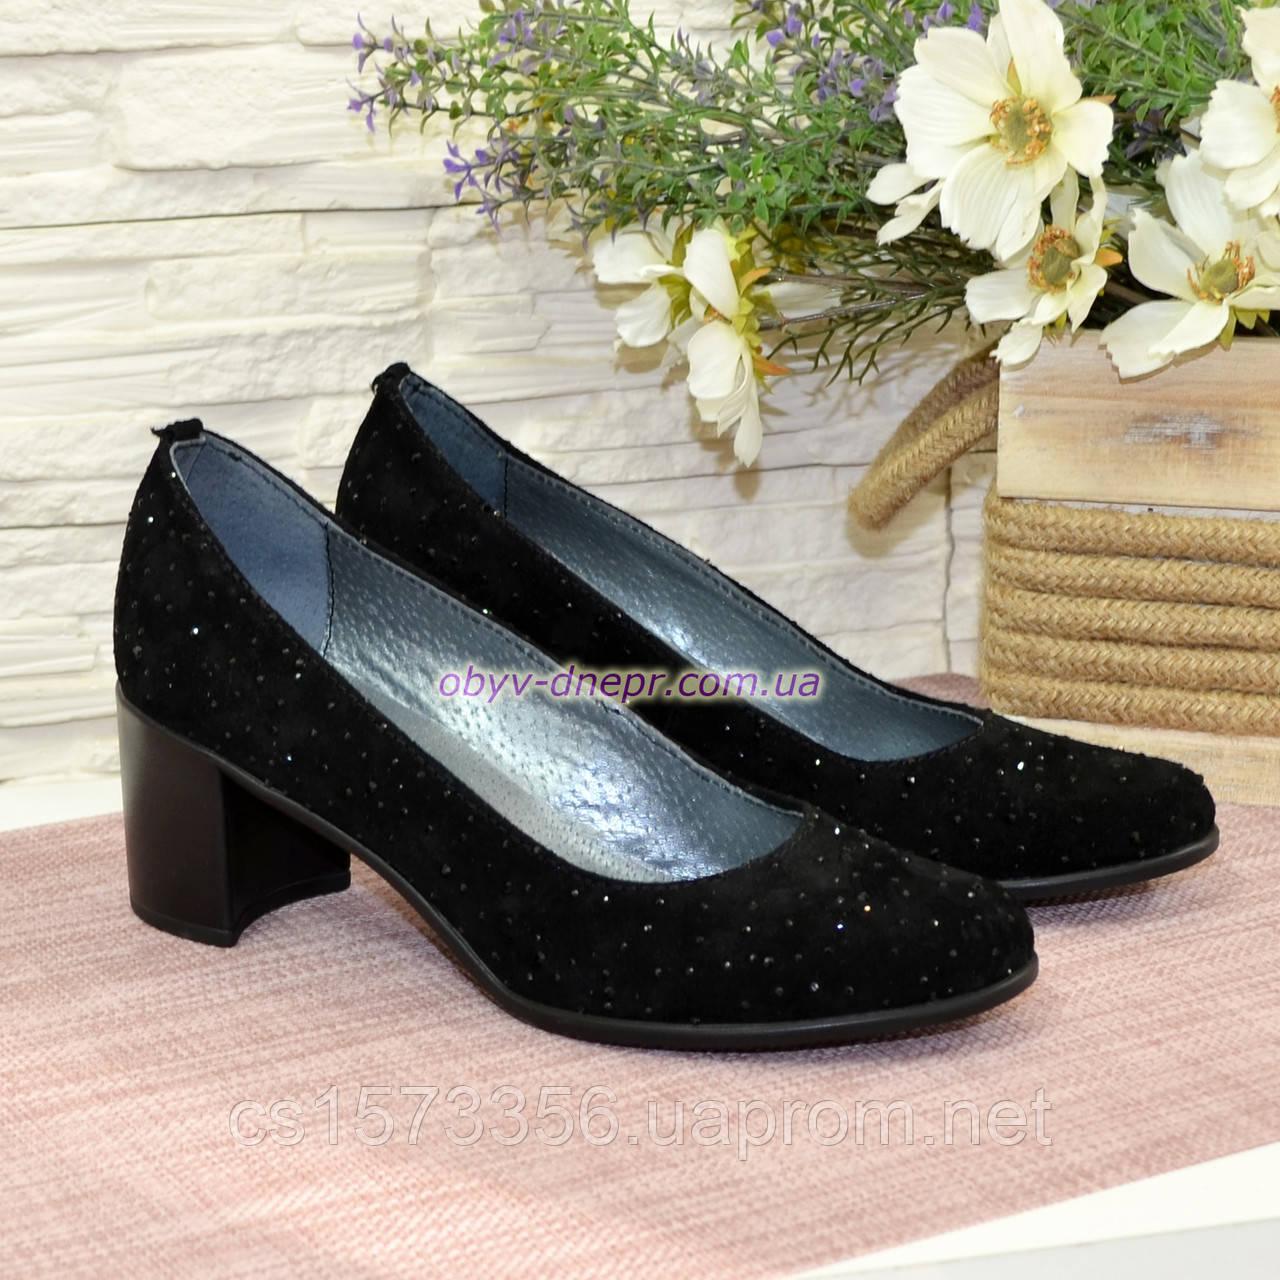 Туфли женские замшевые на каблуке, декорированы камнями